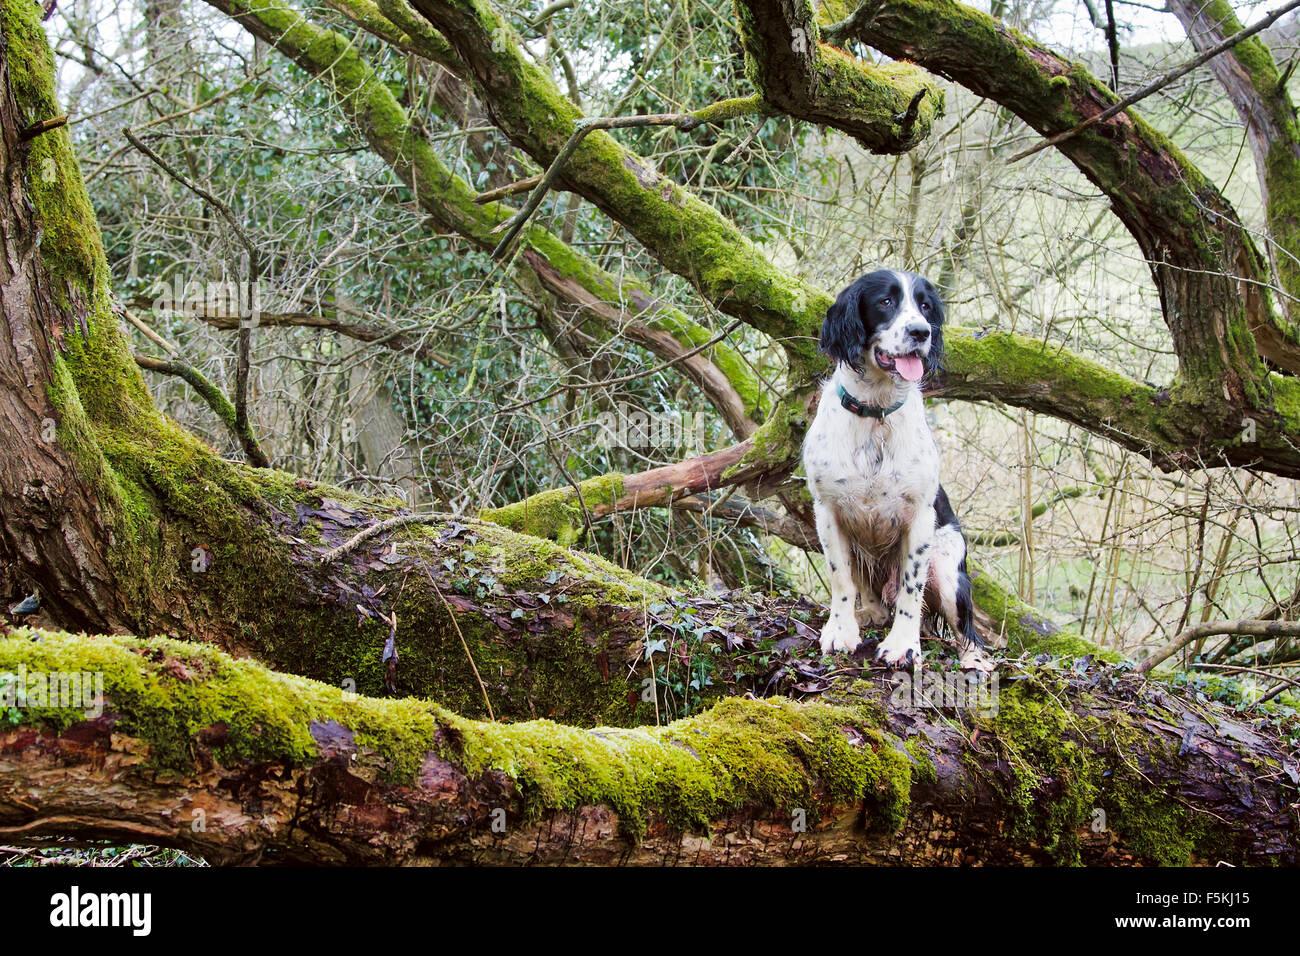 Black & White Springer Spaniel sat in a tree - Stock Image